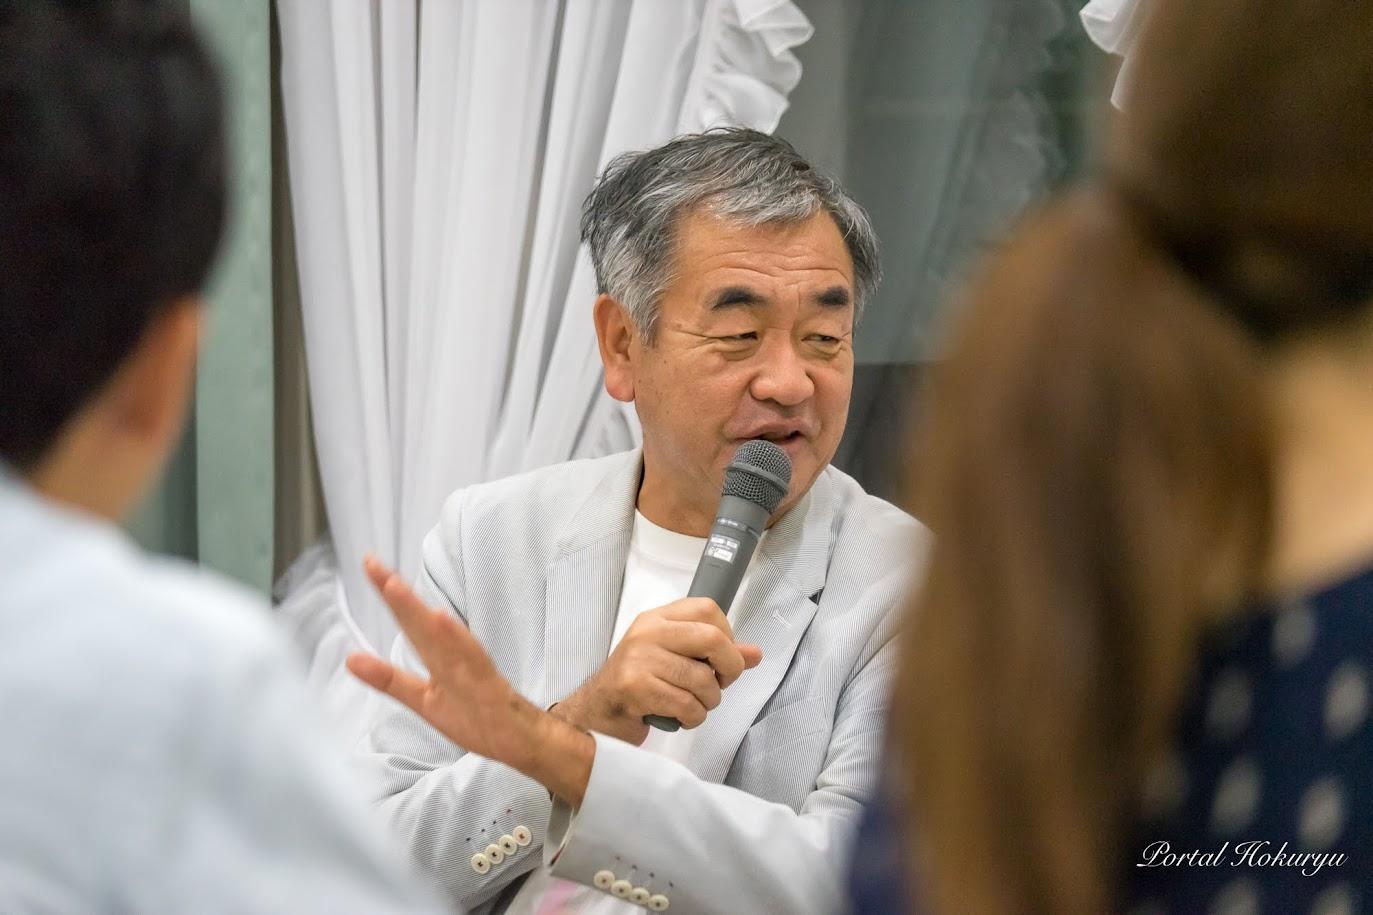 建築家・隈研吾 氏(隈研吾建築年設計事務所主宰・東京大学教授)